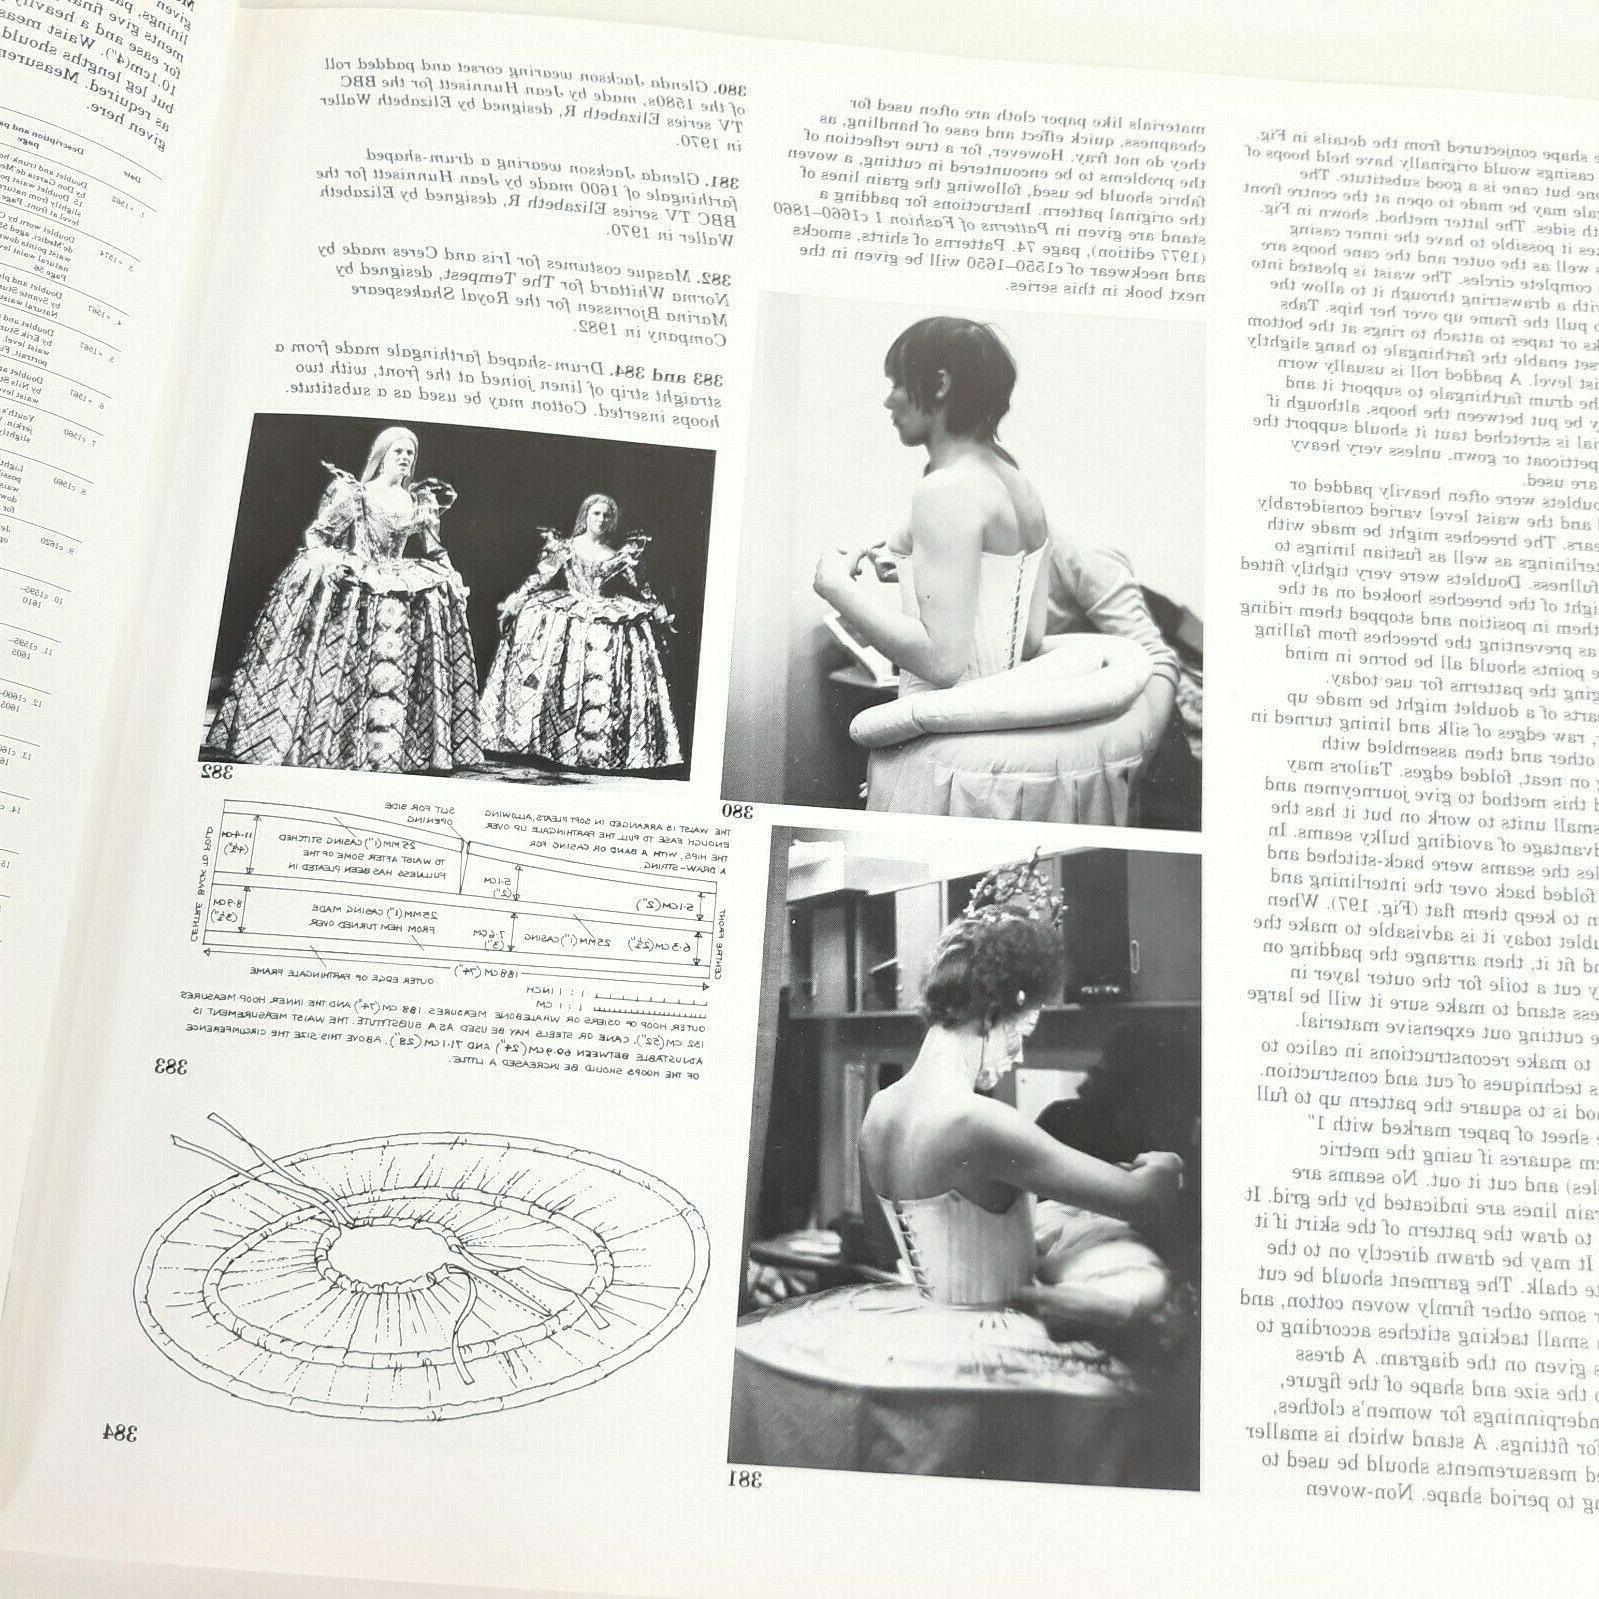 Janet Fashion Men 1560-1620